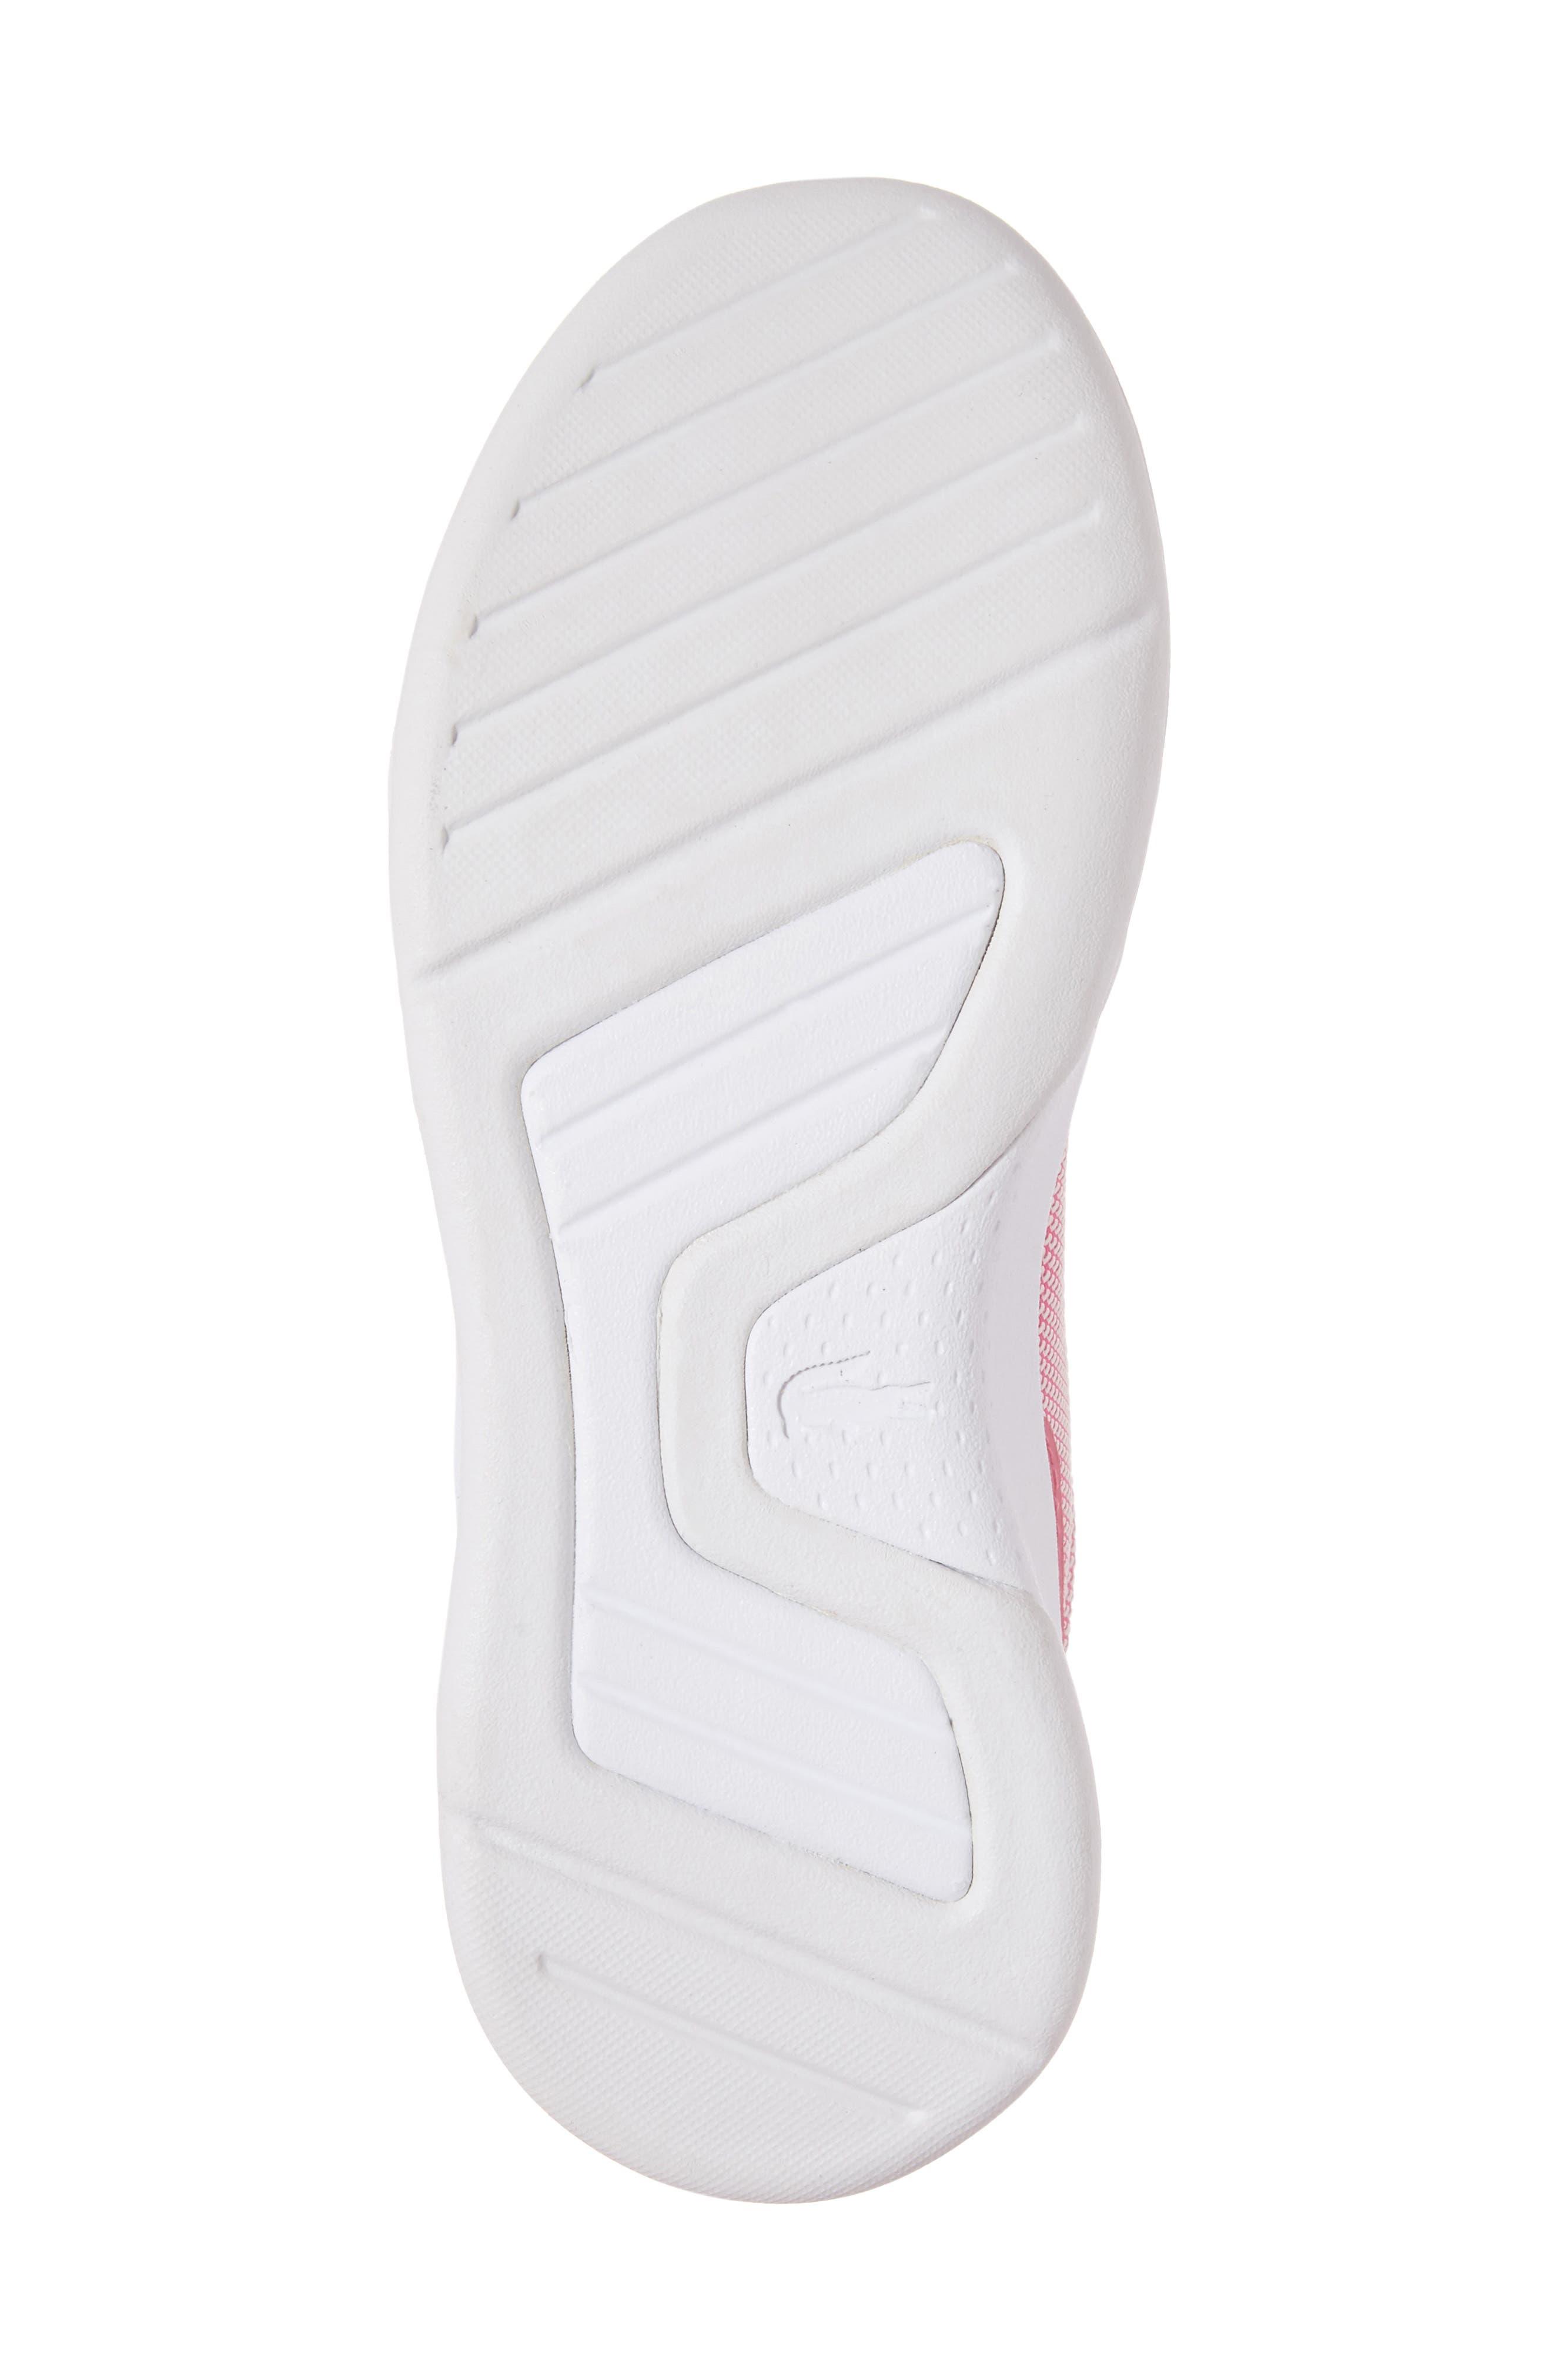 LT Spirit Woven Sneaker,                             Alternate thumbnail 6, color,                             662